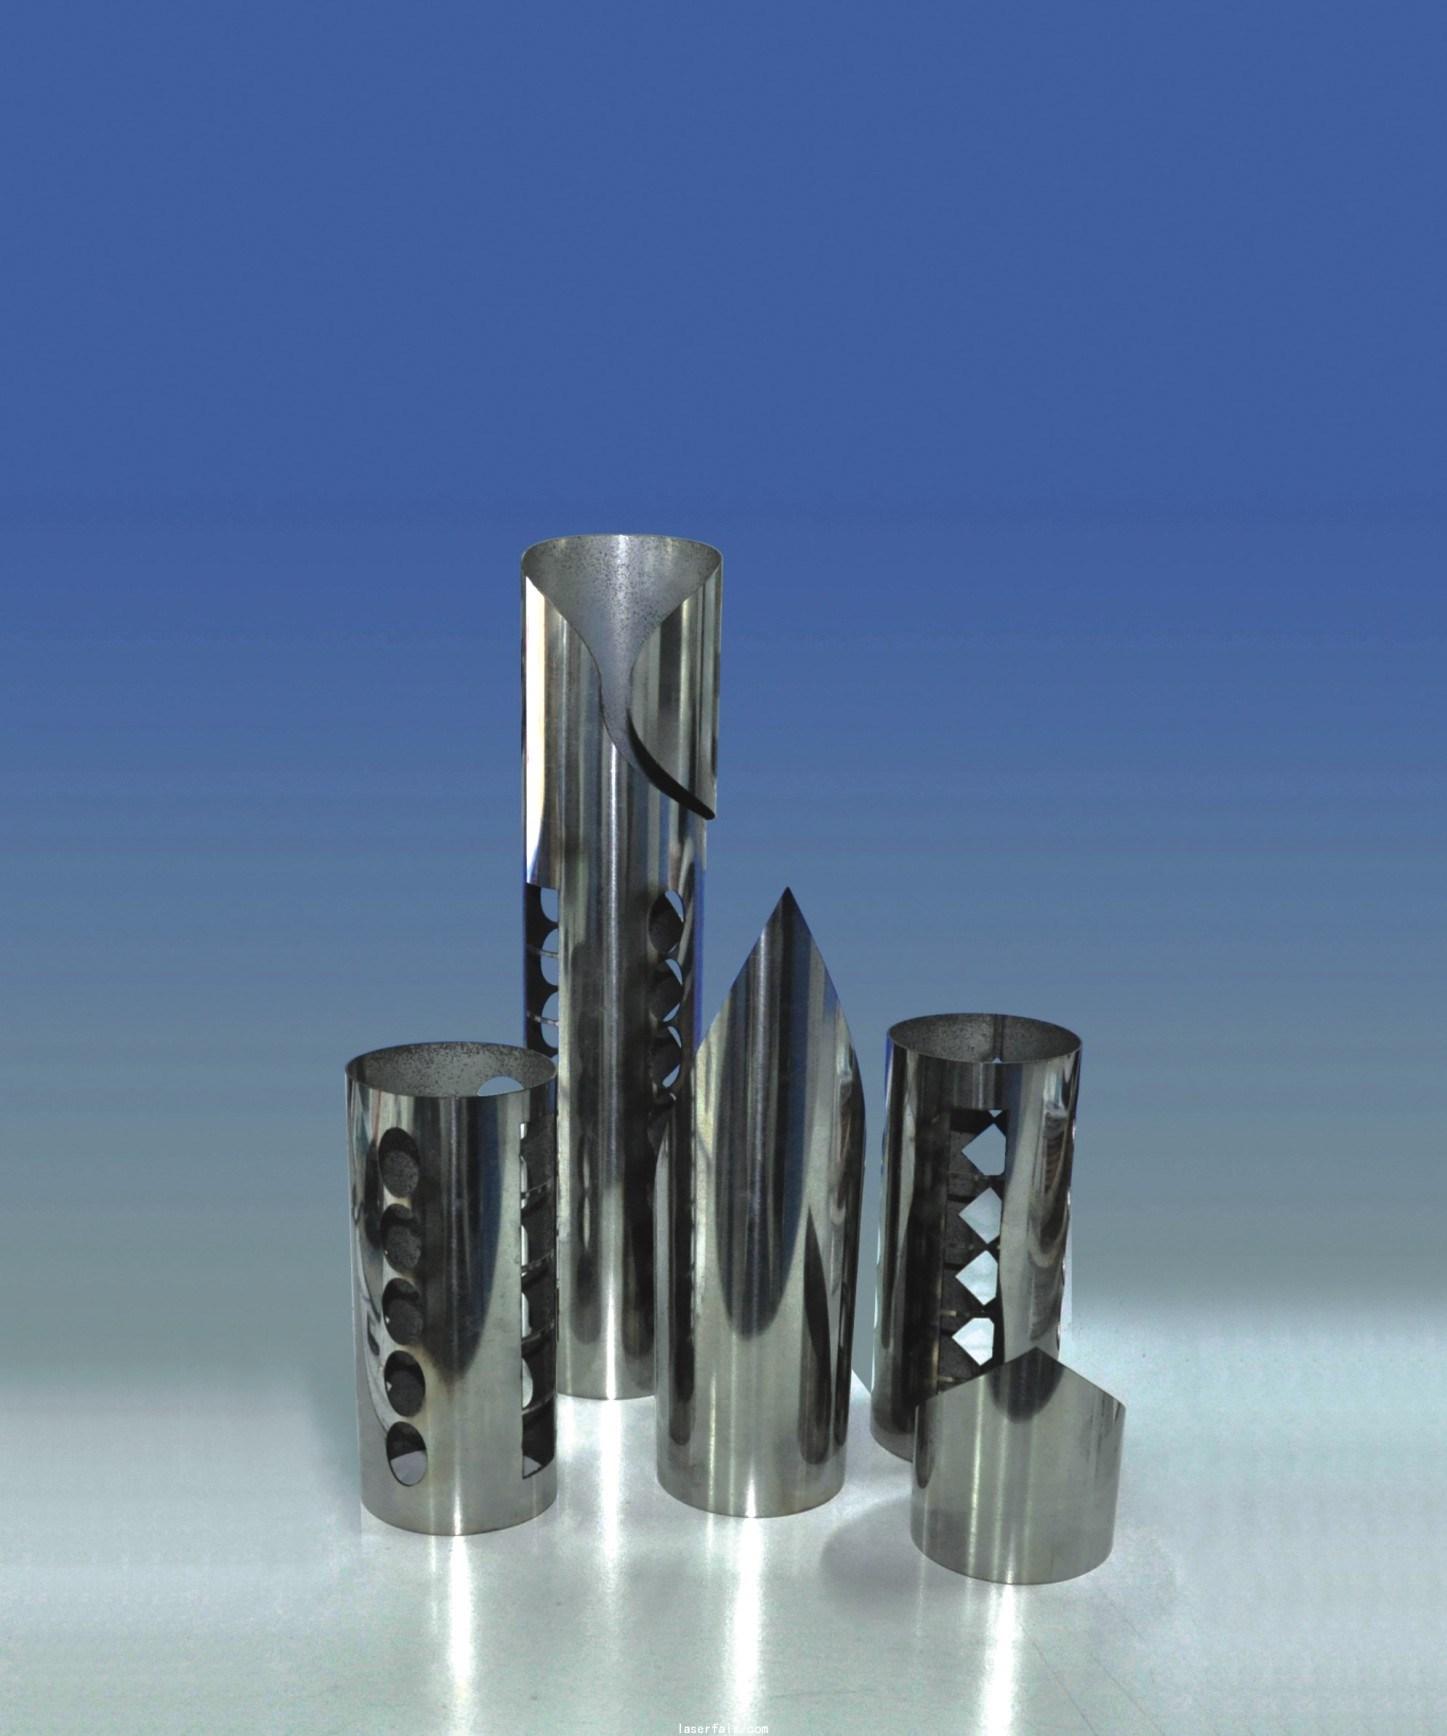 Semi Automatic Metal Pipe Cutting Machine